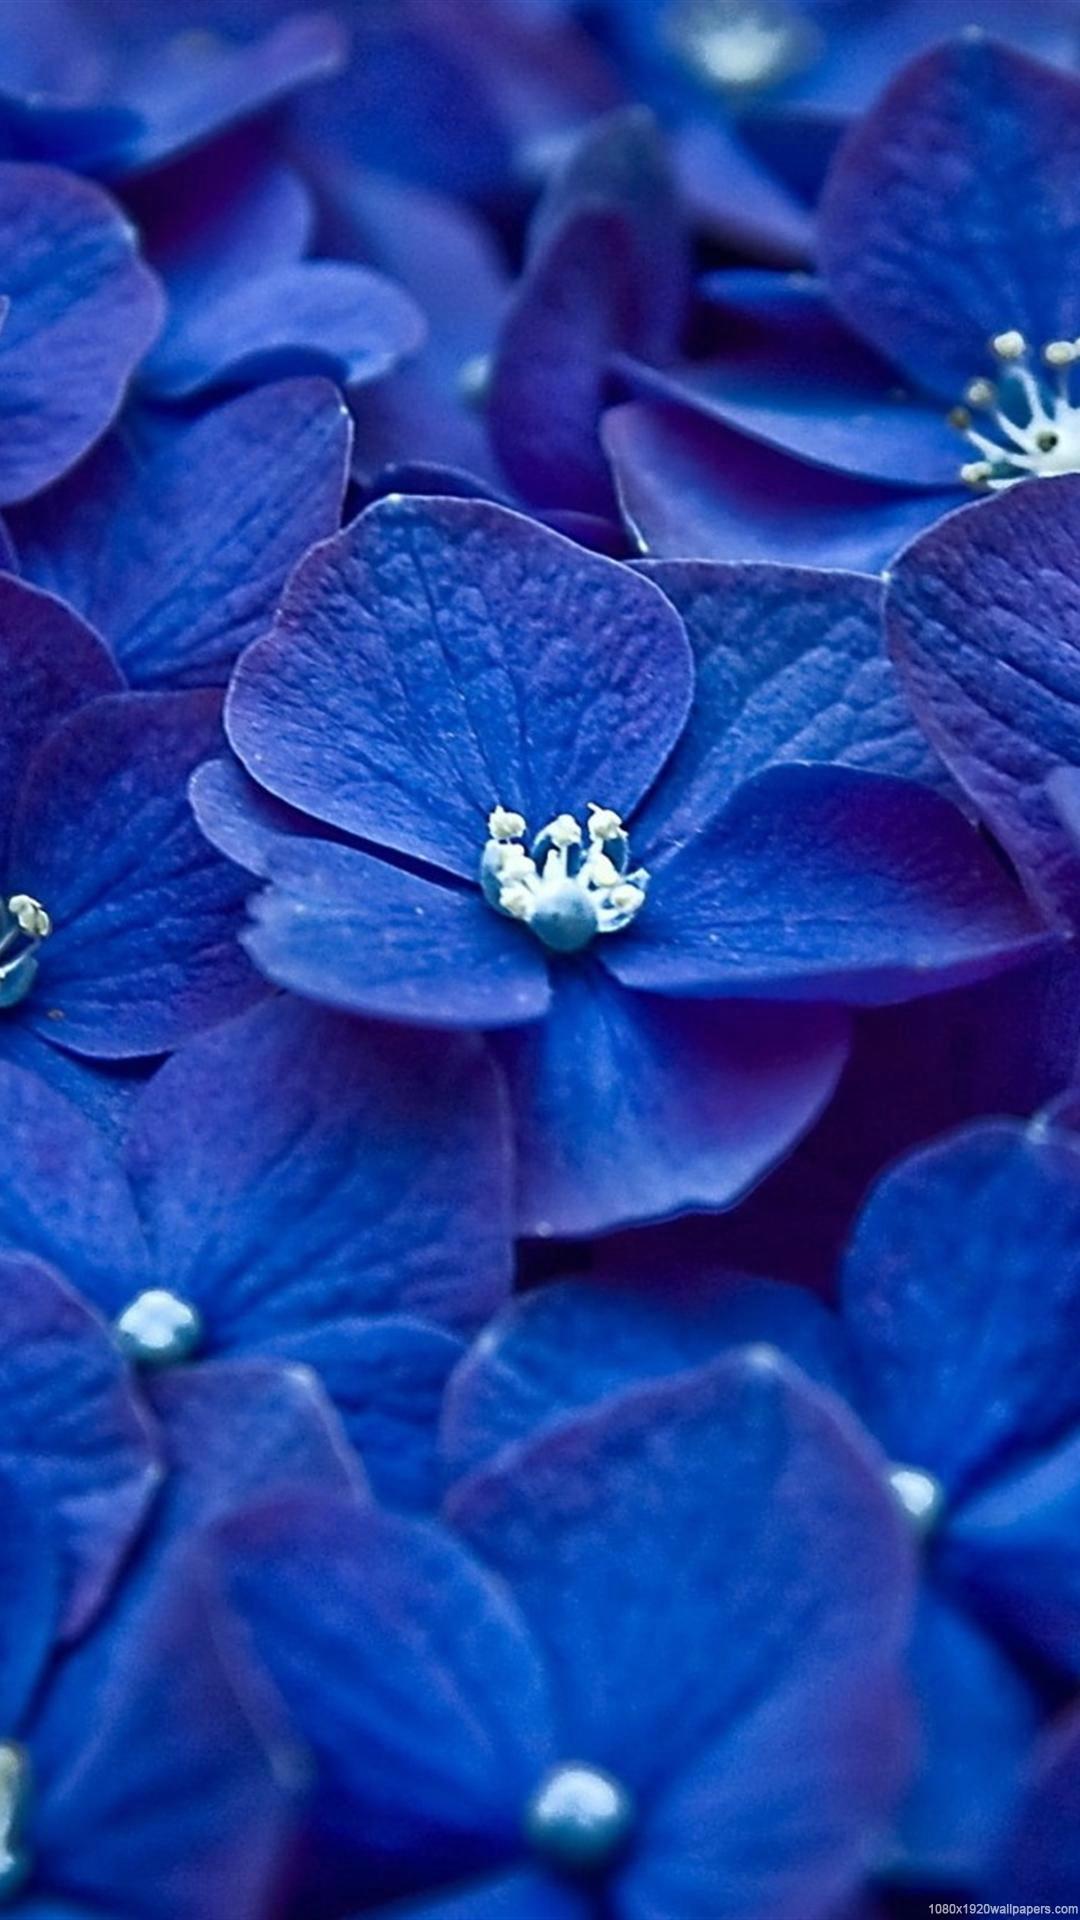 Flowers Blue White Wallpapers Hd Hd Flower Wallpaper 1080p For Mobile 1080x1920 Download Hd Wallpaper Wallpapertip